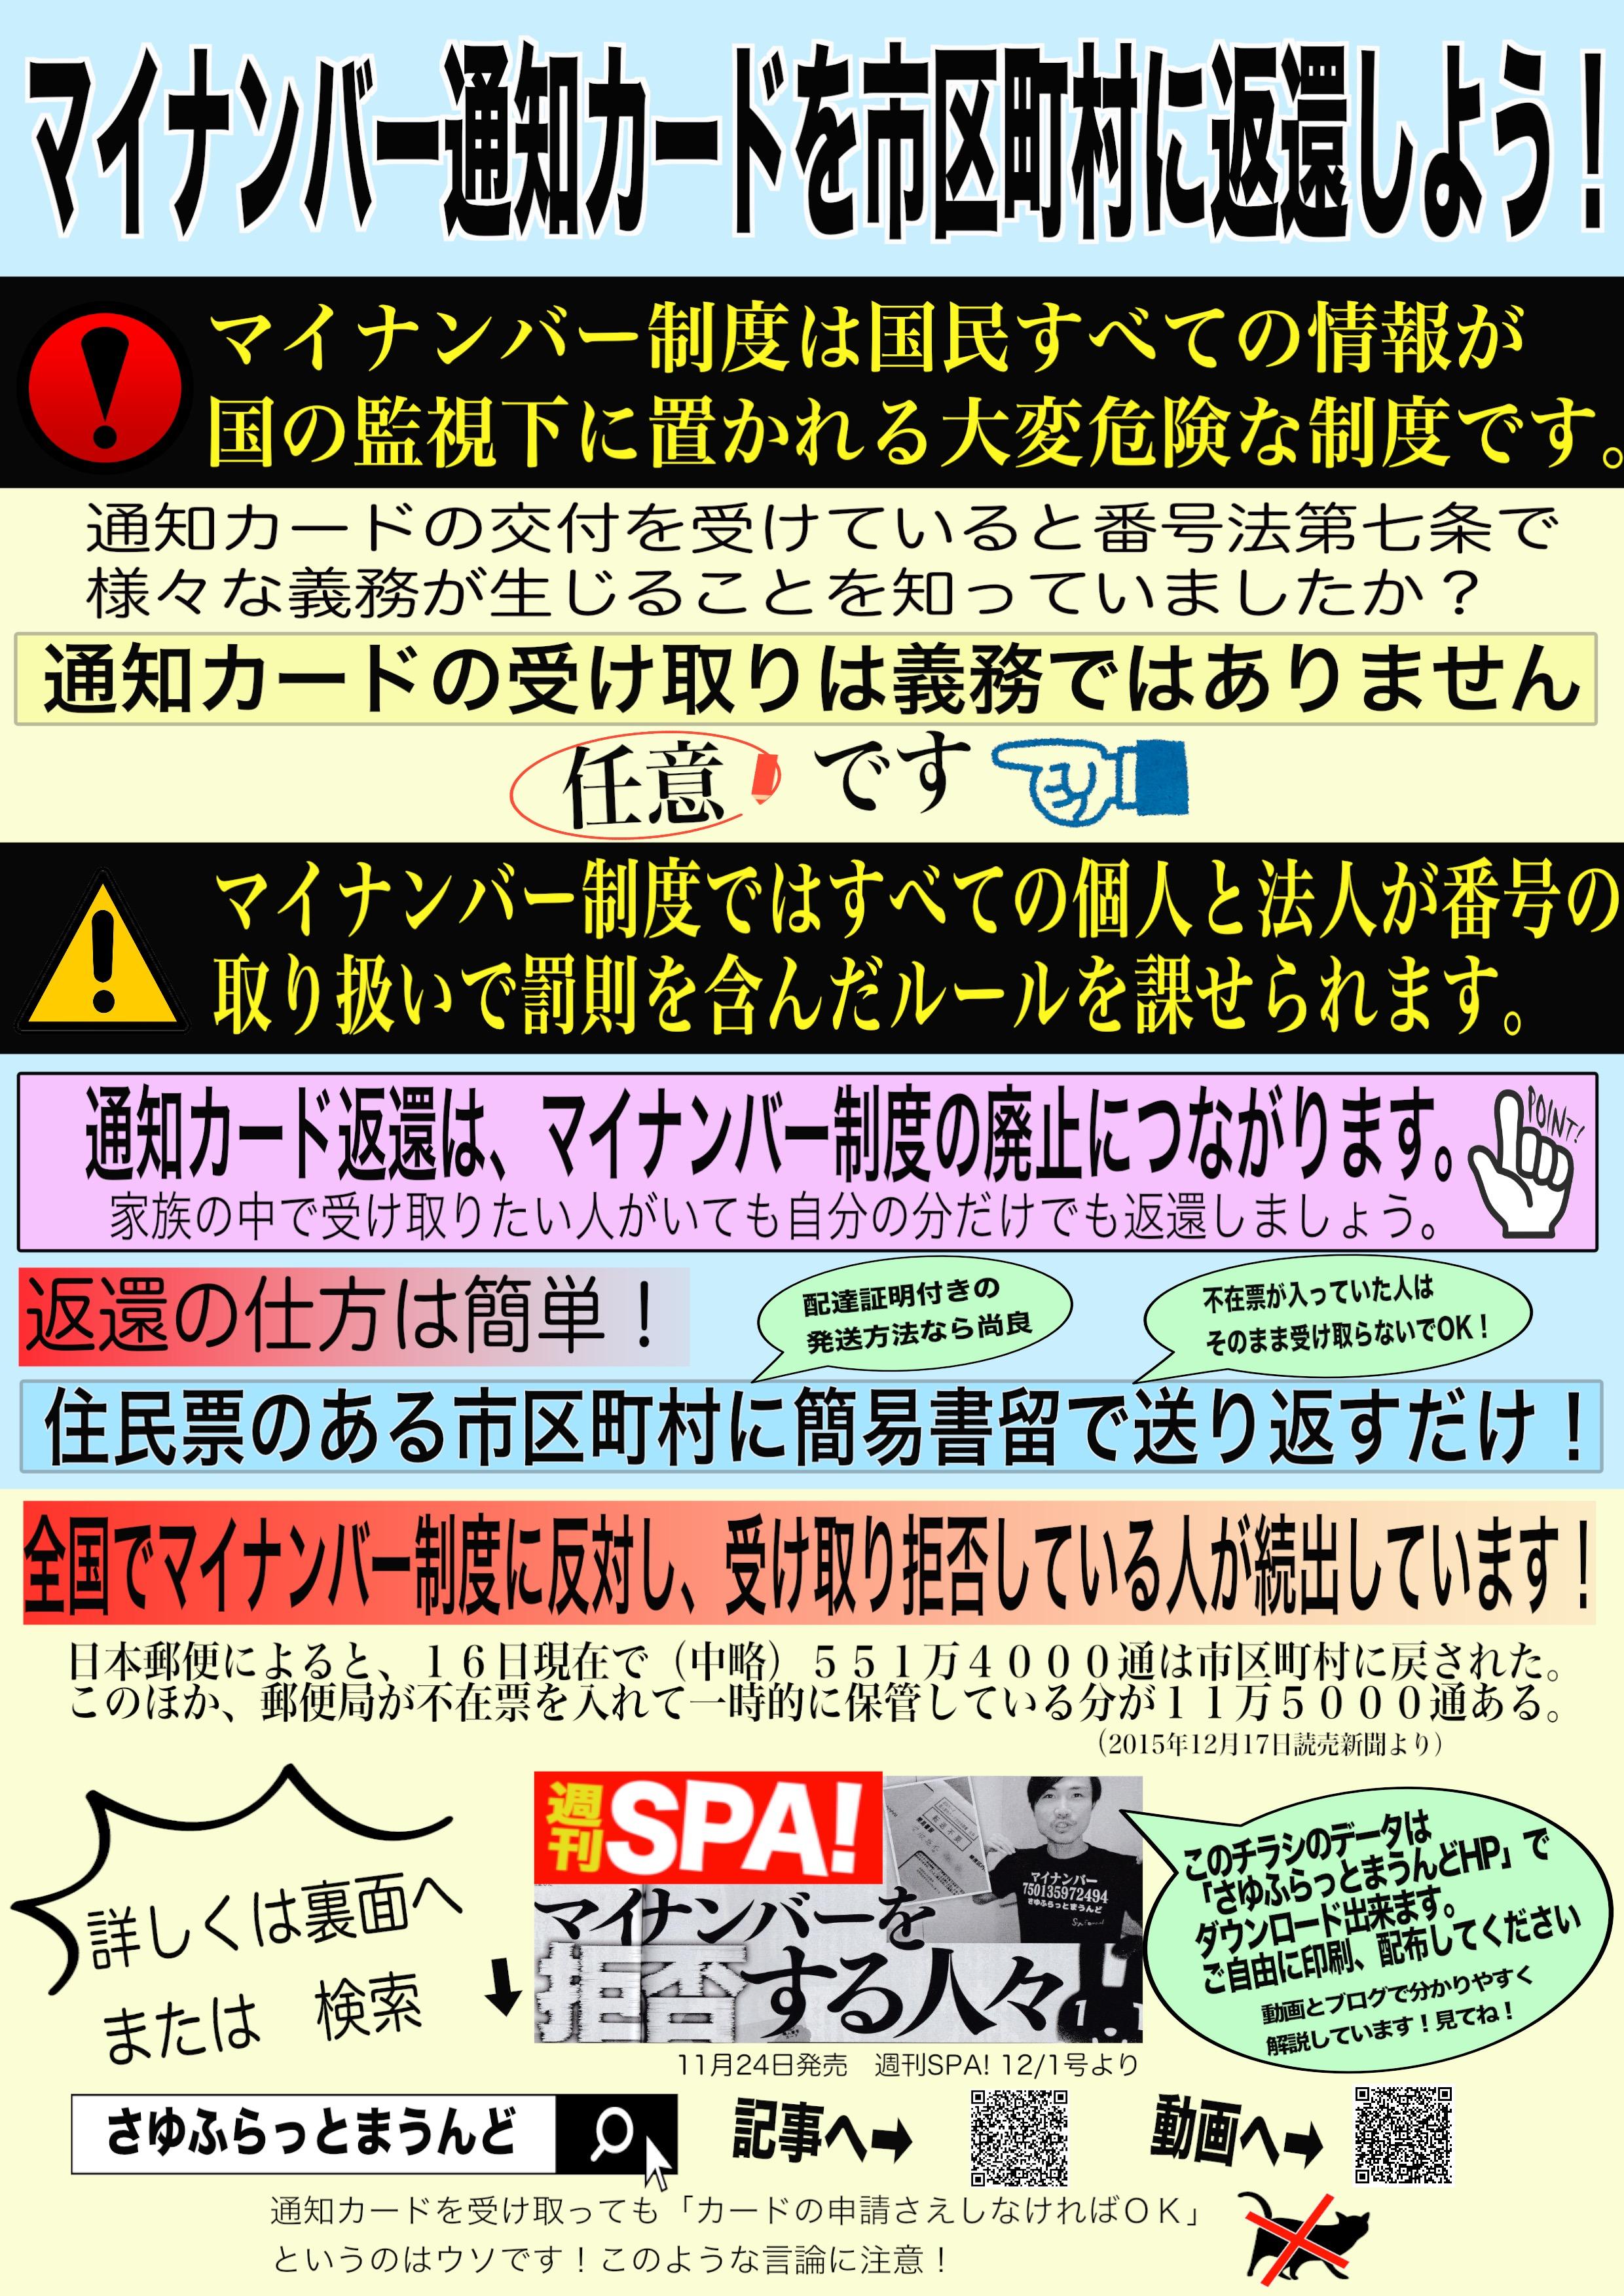 ちらし vol.2 20170324